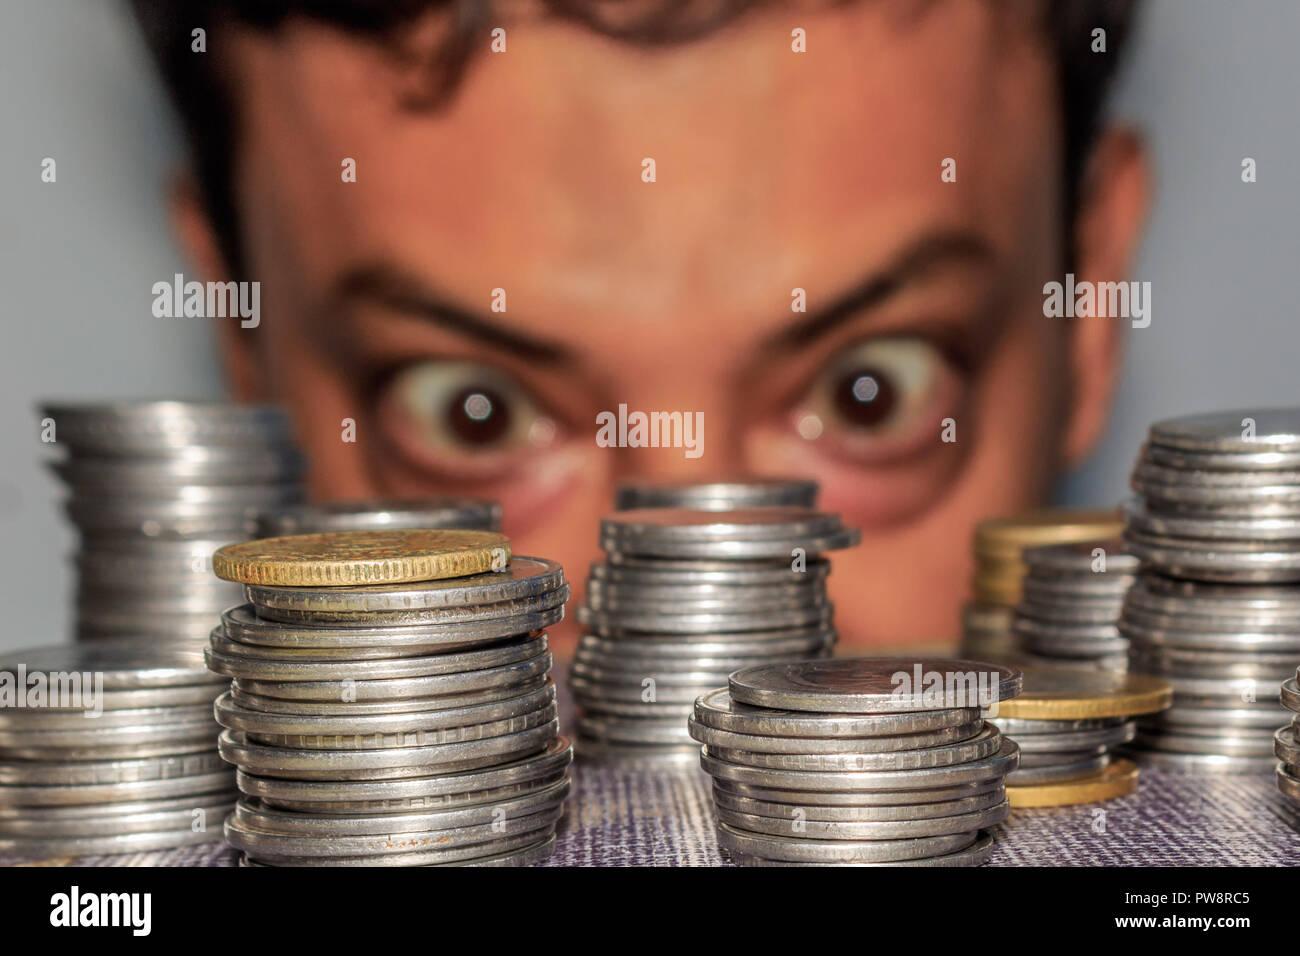 Centrarse en la moneda. Un rico avaro anciano mira a monedas. El coleccionista luce en su riqueza. Un anciano mirando el dinero de metal en el suelo. Imagen De Stock